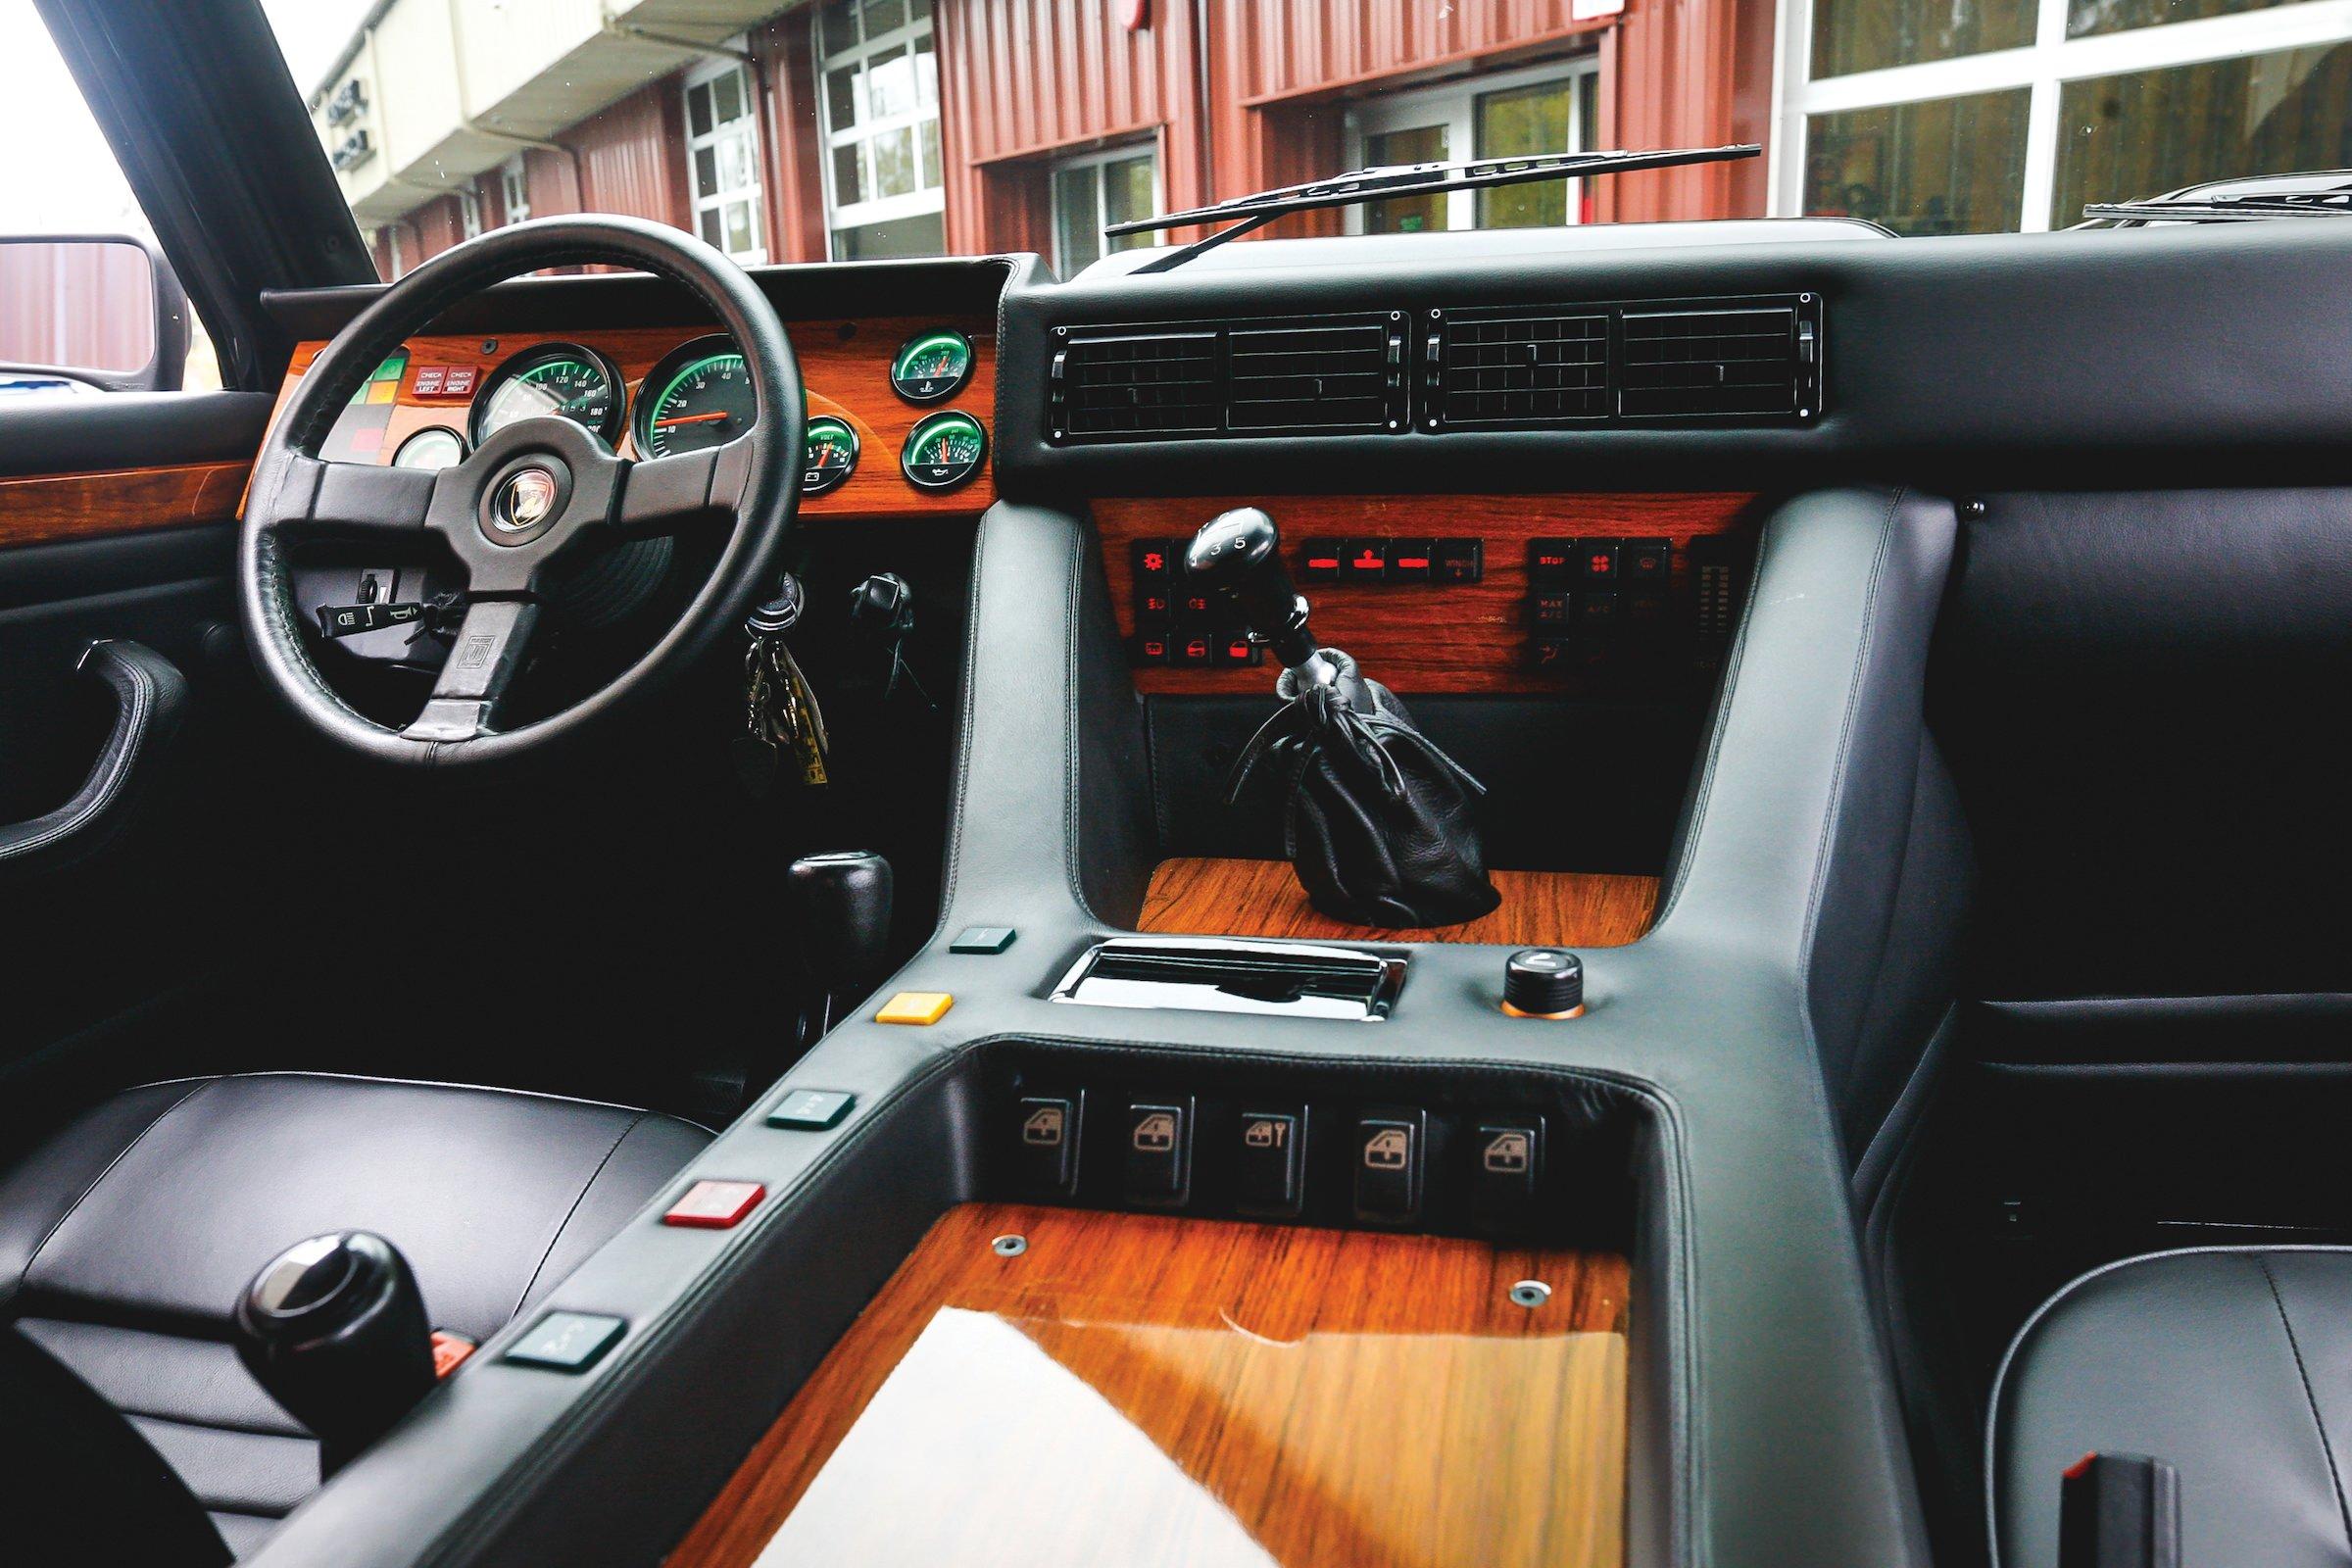 The Rambo Lambo 1990 Lamborghini Lm002